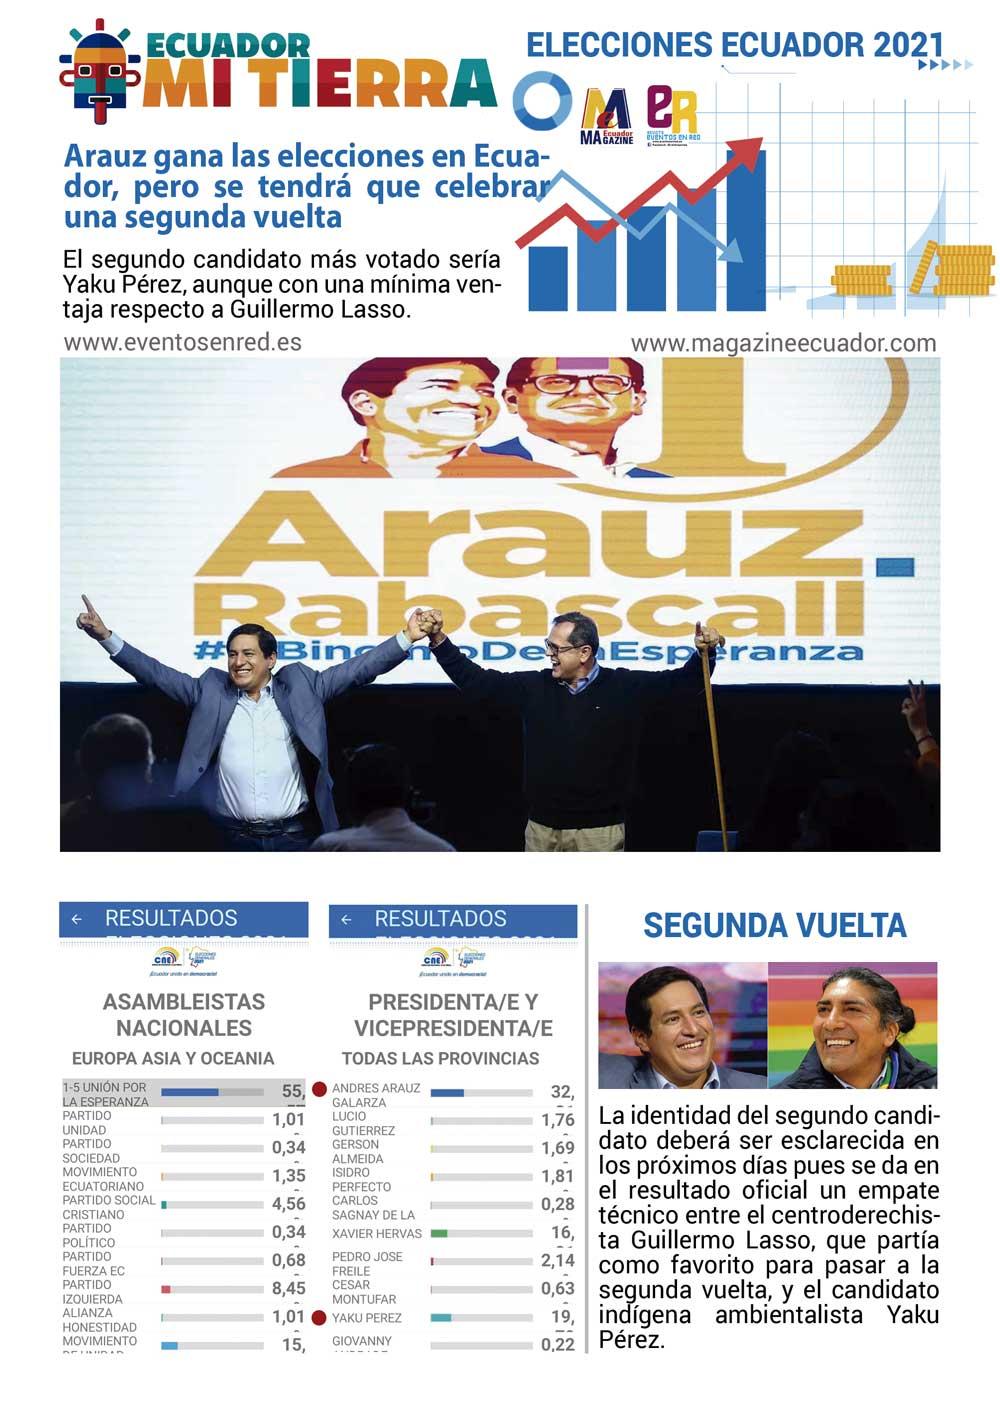 Arauz gana las elecciones en Ecuador y se tendrá que celebrar una segunda vuelta